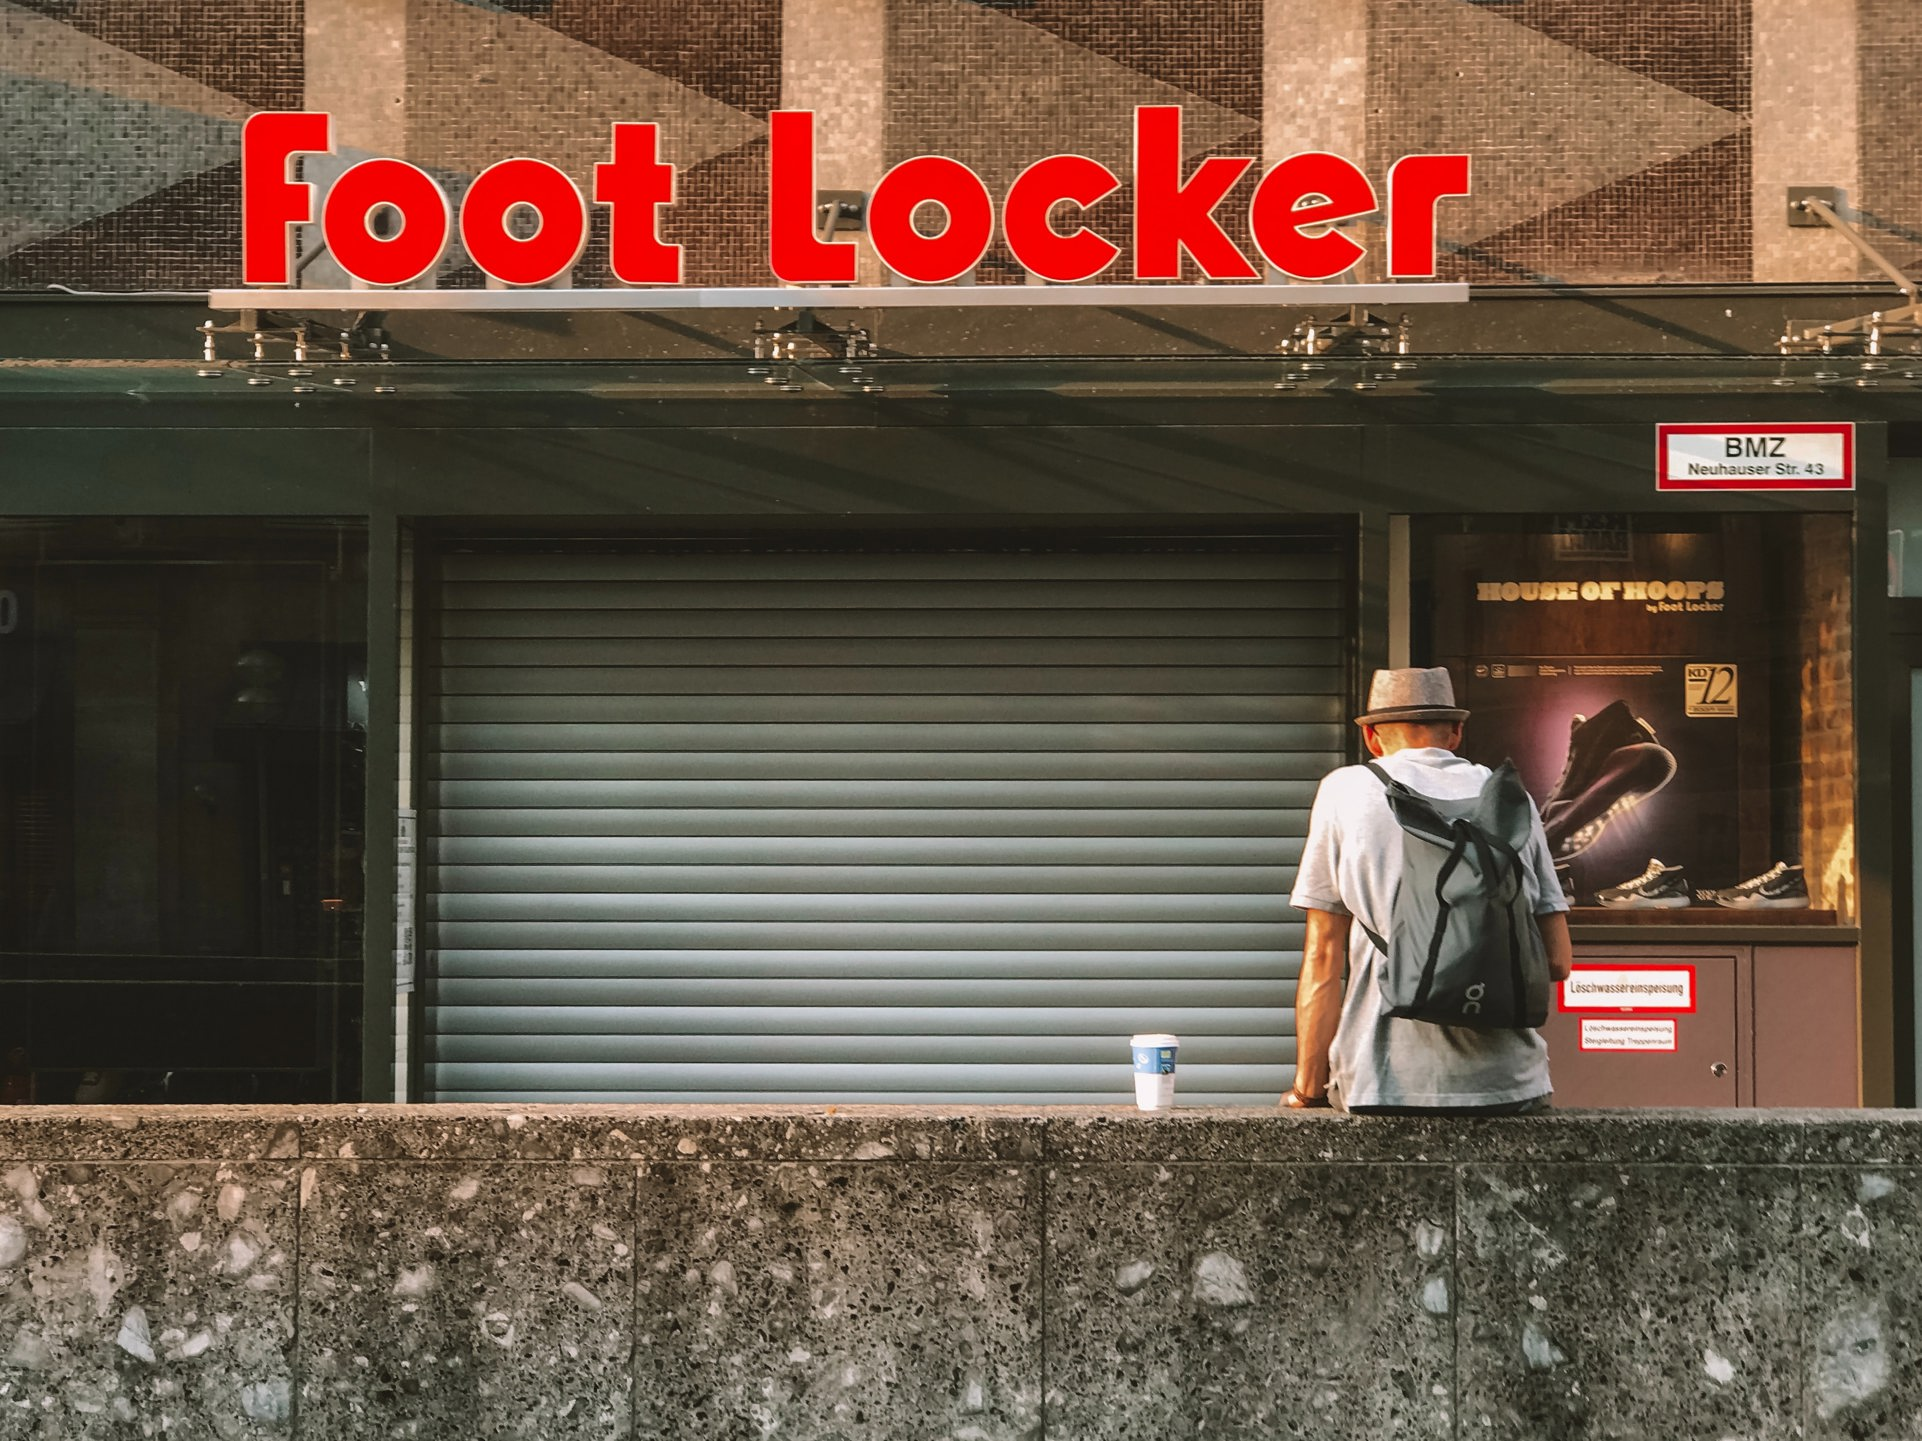 Foot Locker FL stock news and analysis